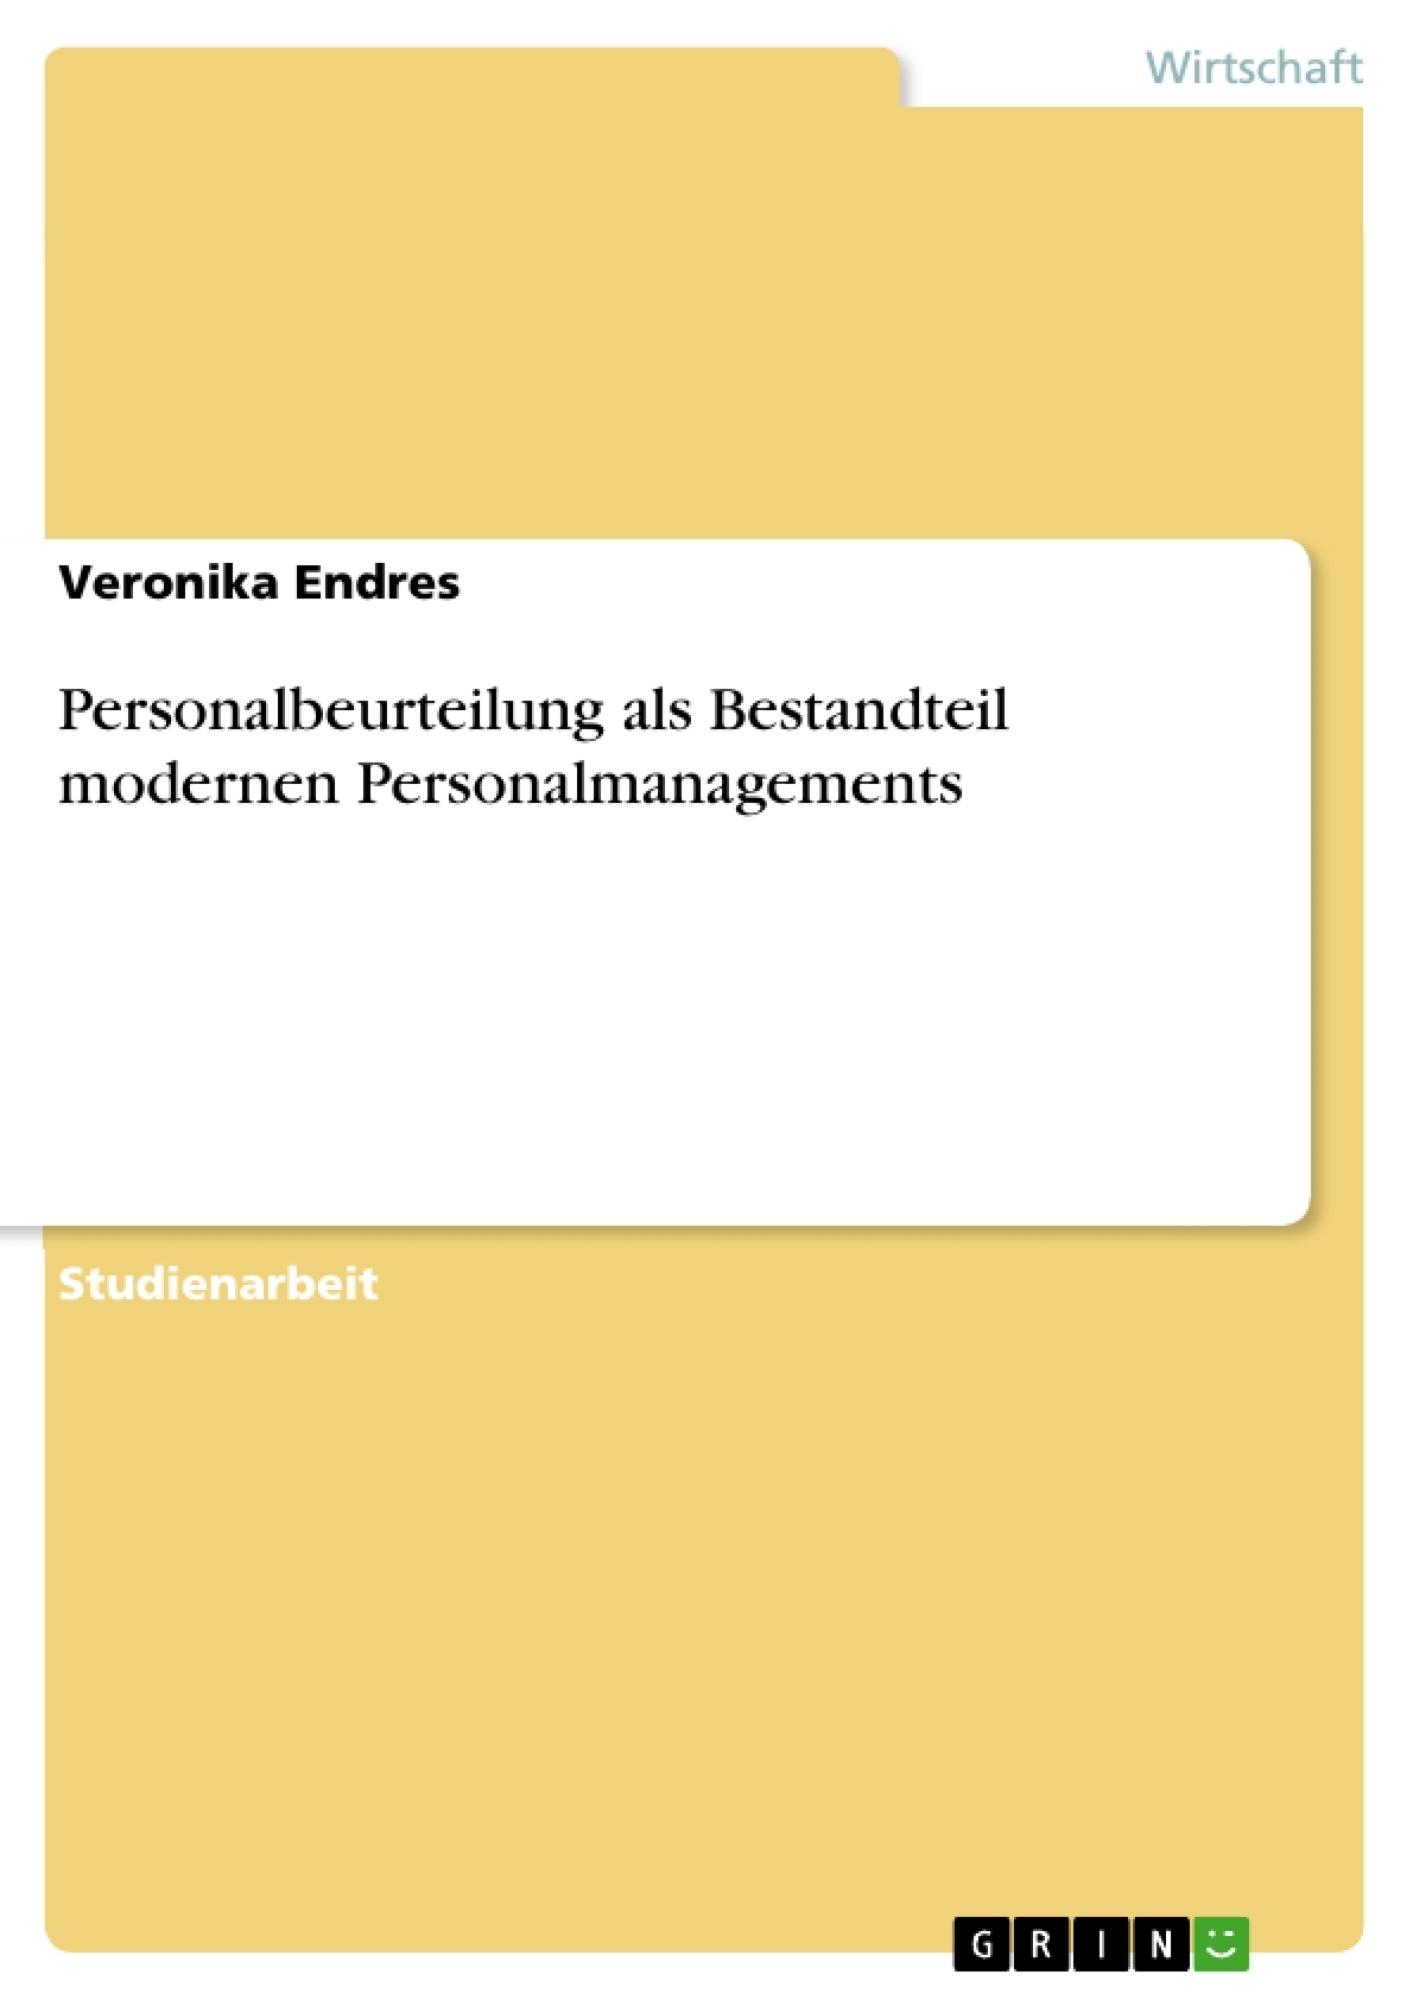 Titel: Personalbeurteilung als Bestandteil modernen Personalmanagements